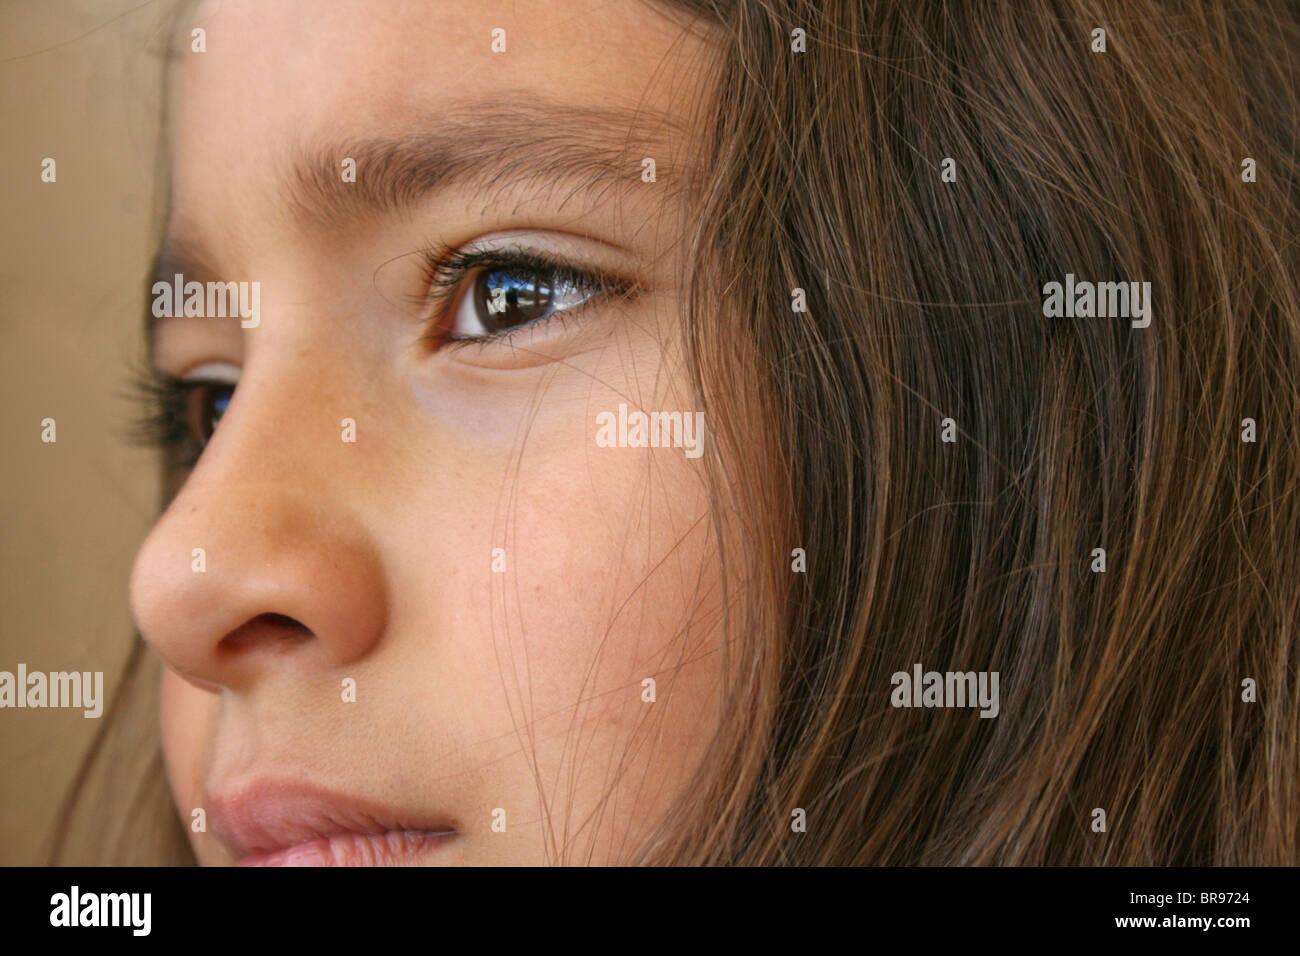 Ravvicinata di una ragazza ispanica con espressione preoccupata Immagini Stock